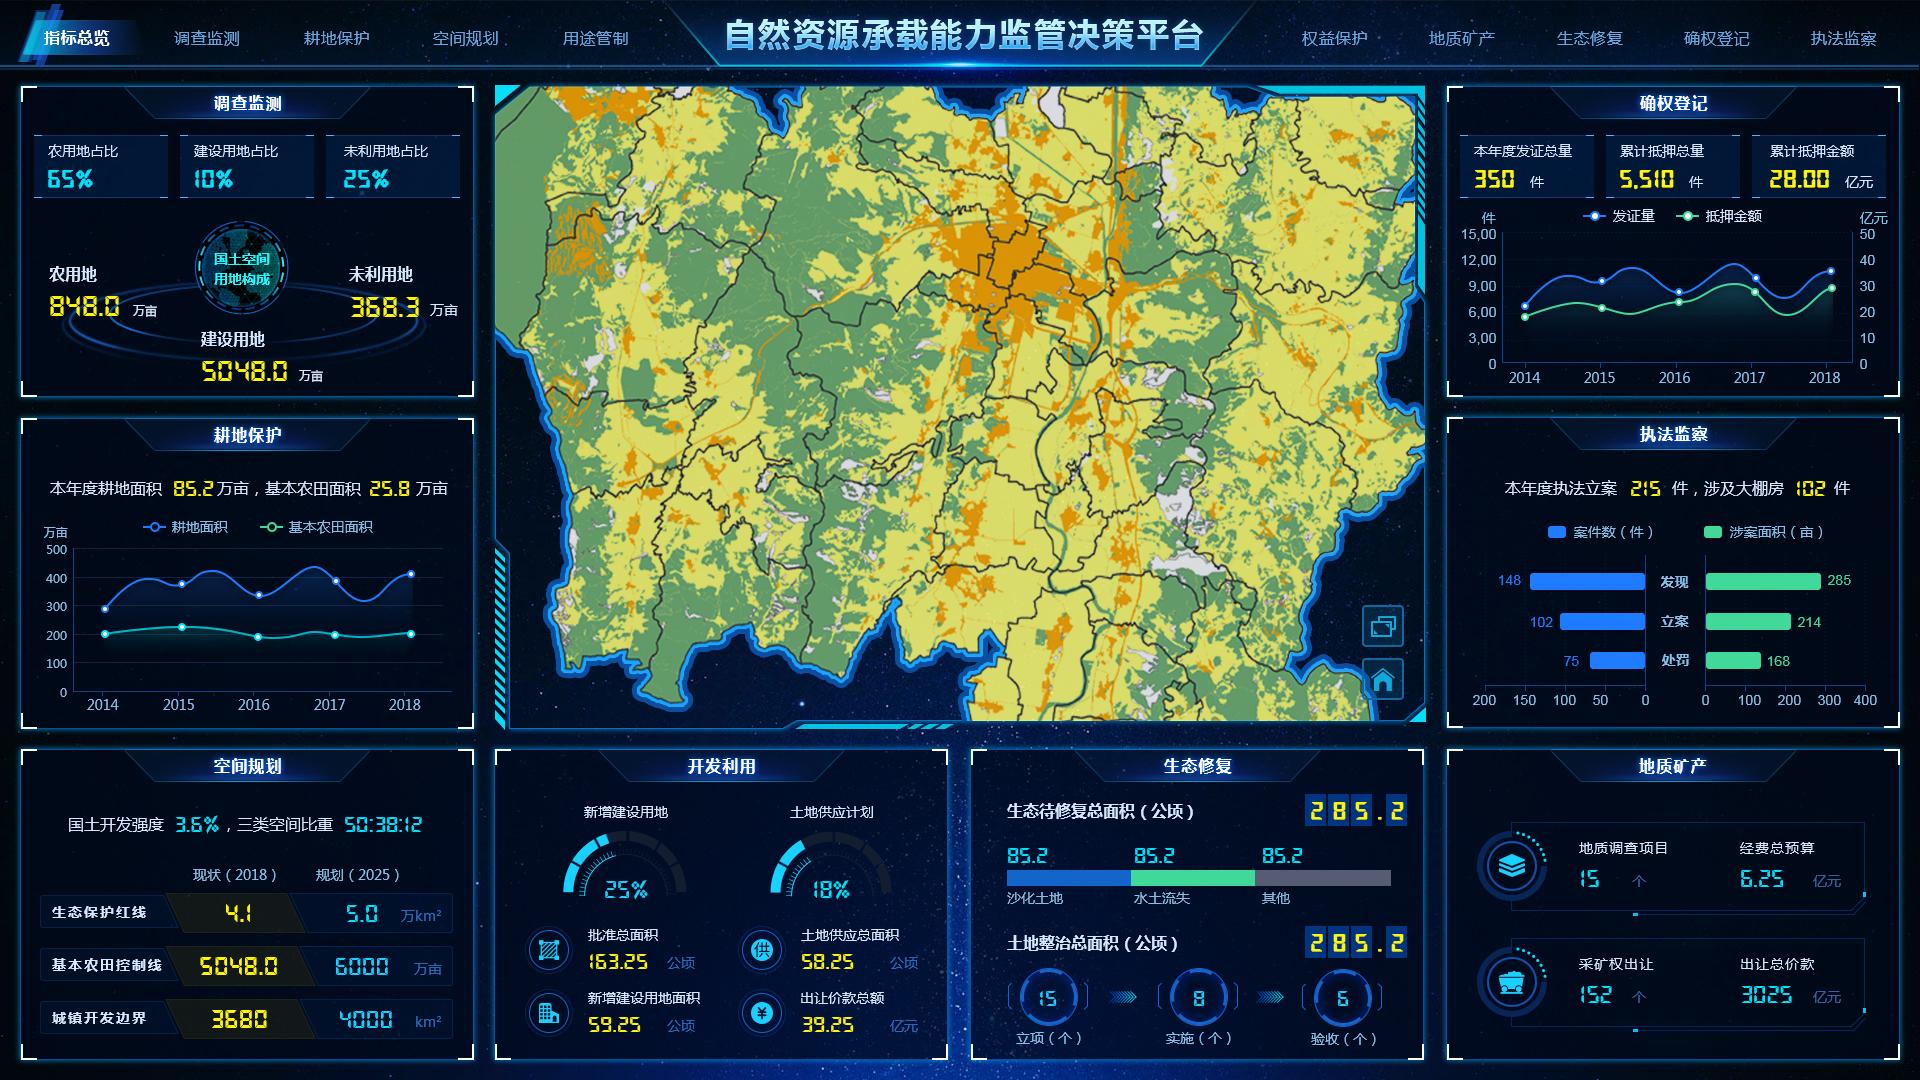 9-1资源环境承载能力监测